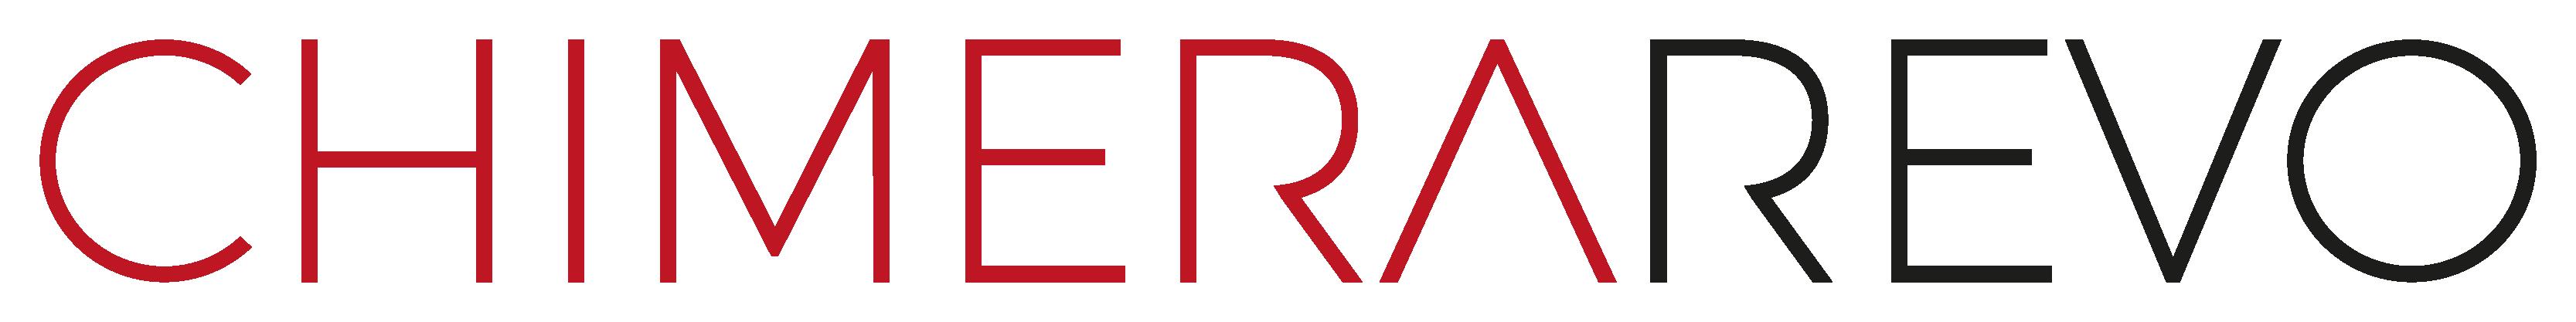 Logo Chimera Revo-01